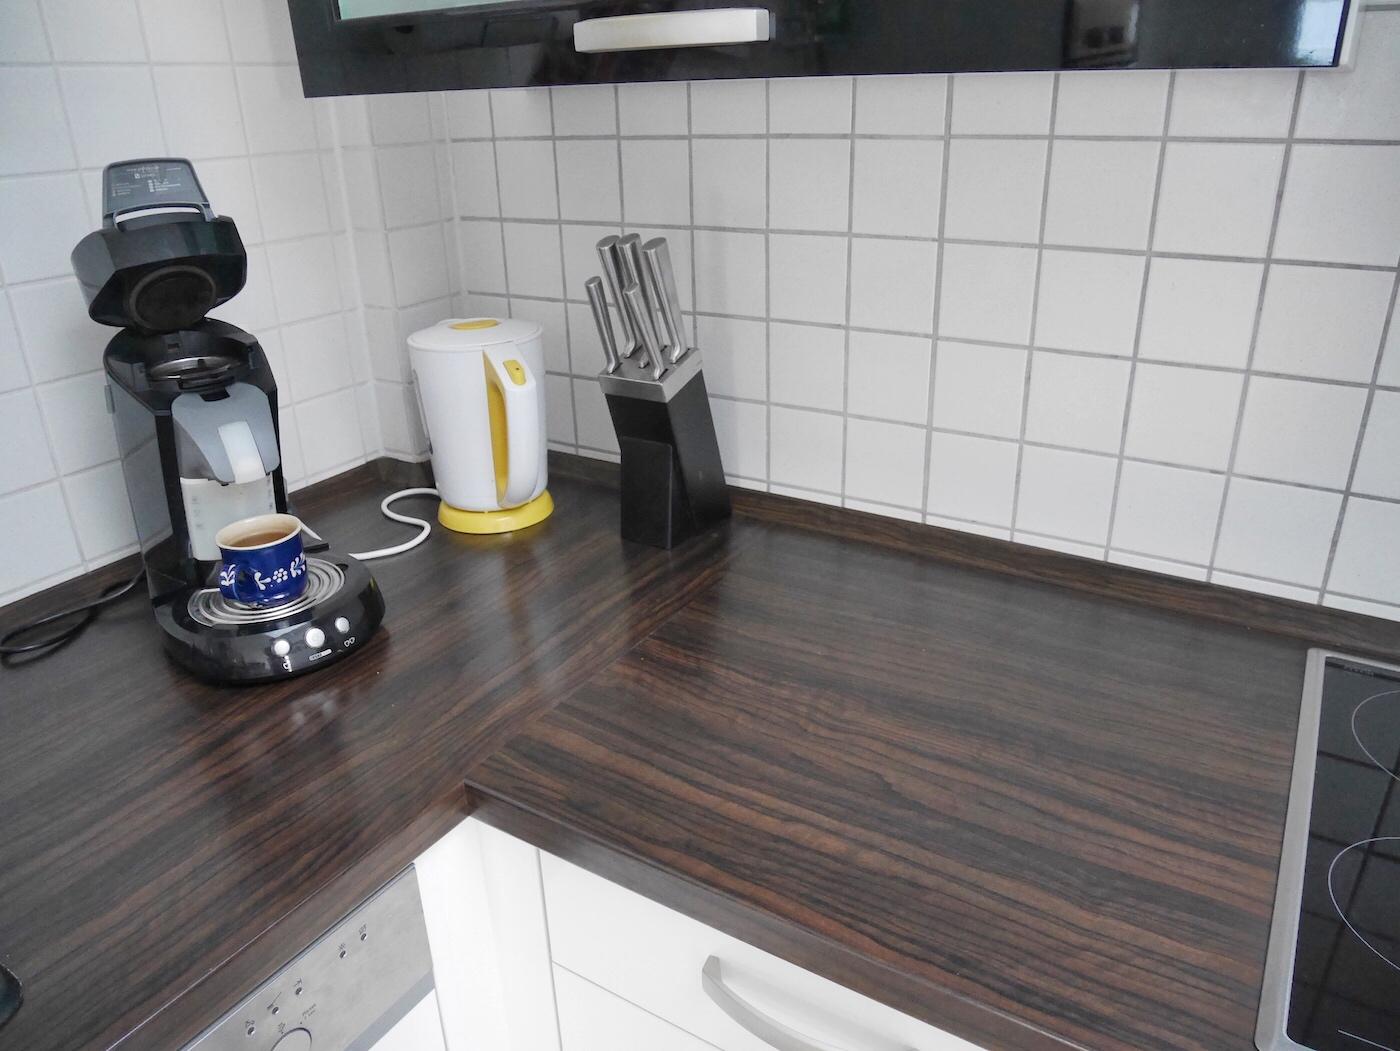 Saubere Arbeitsfläche in der Küche